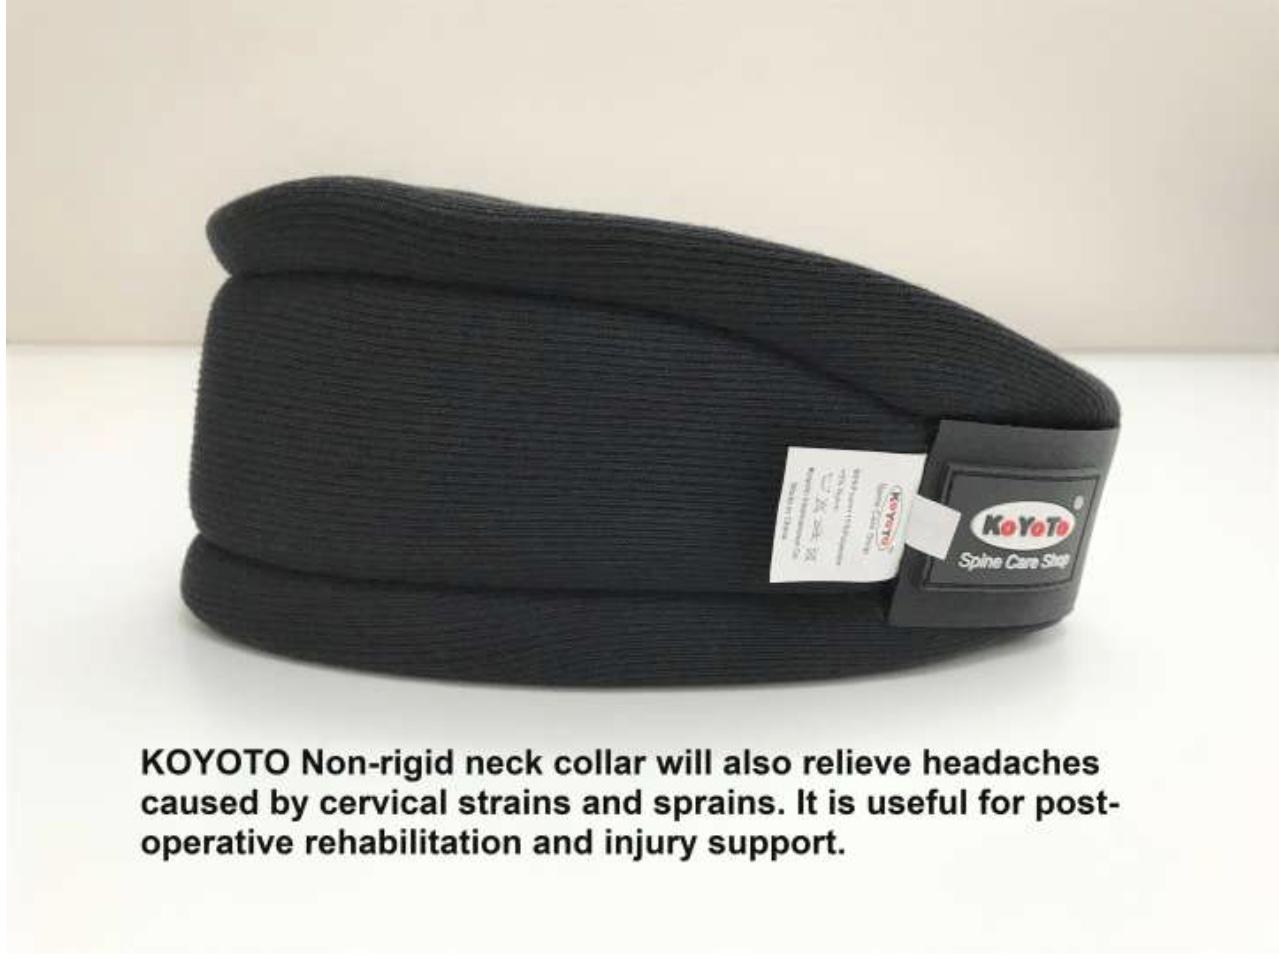 Koyoto Cervical Neck Collar